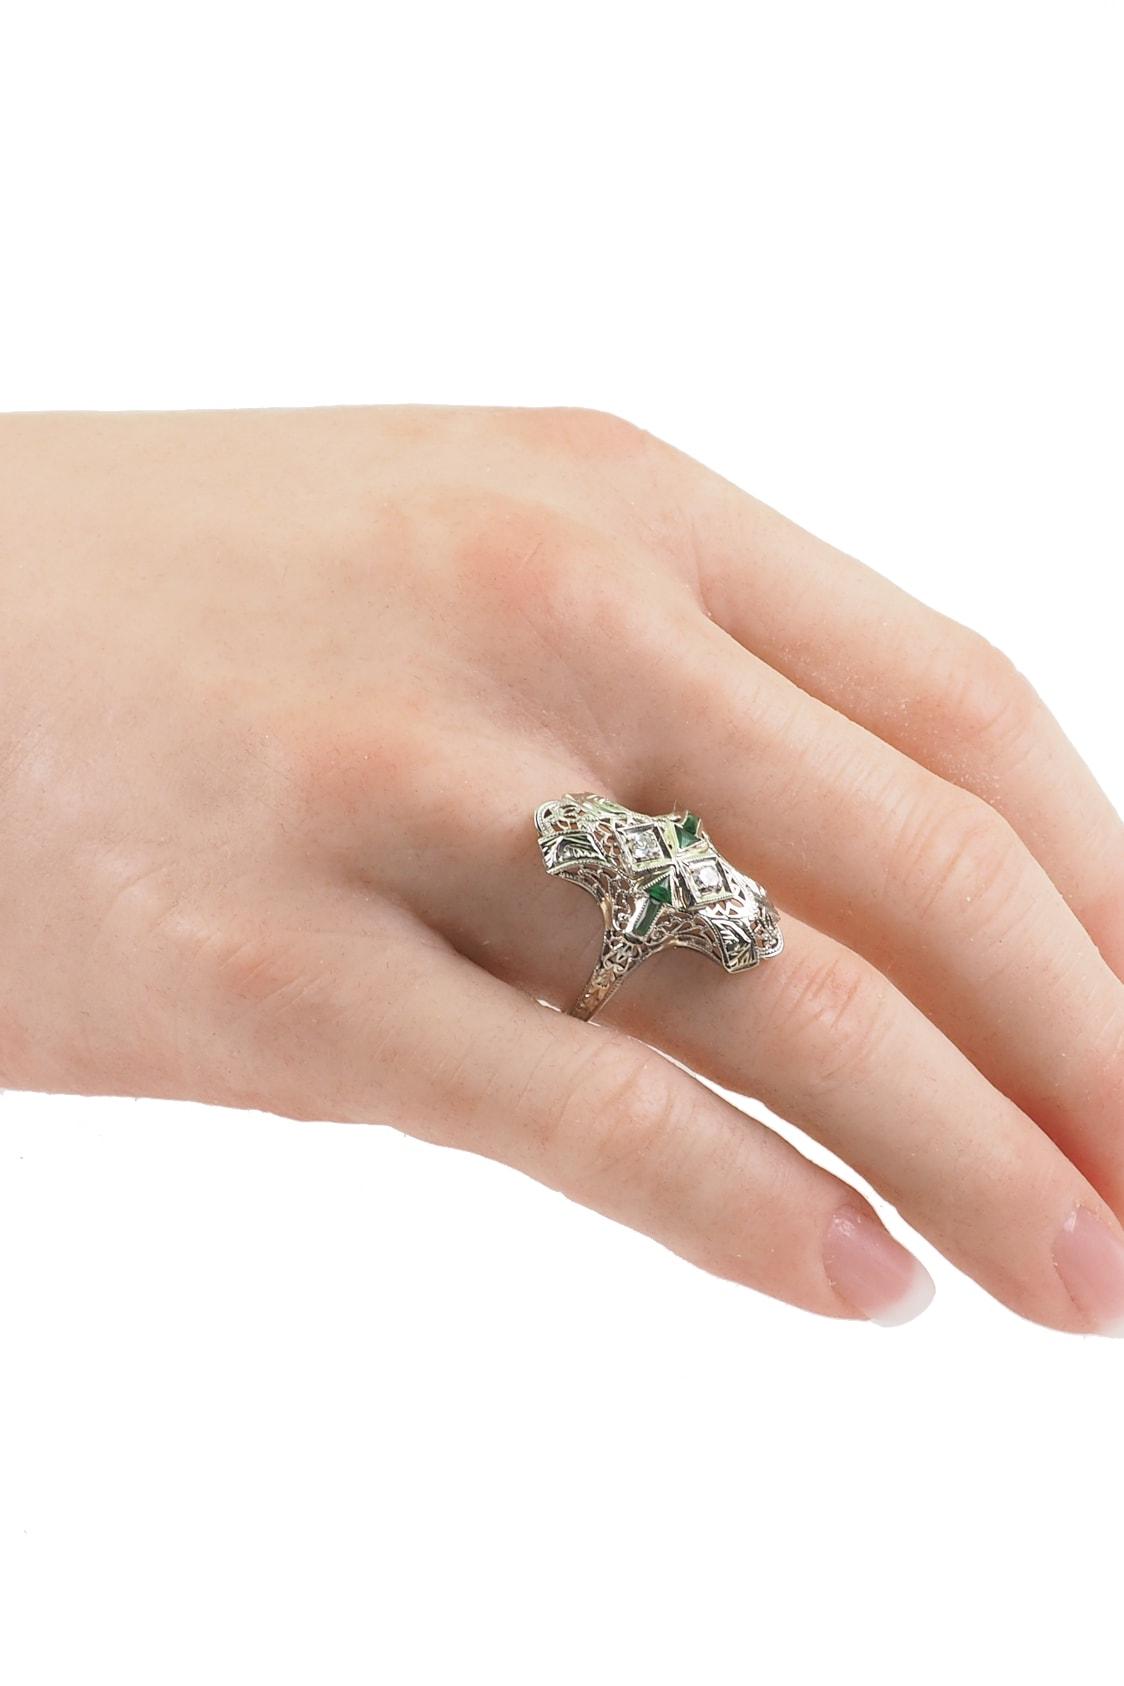 ring-1124h